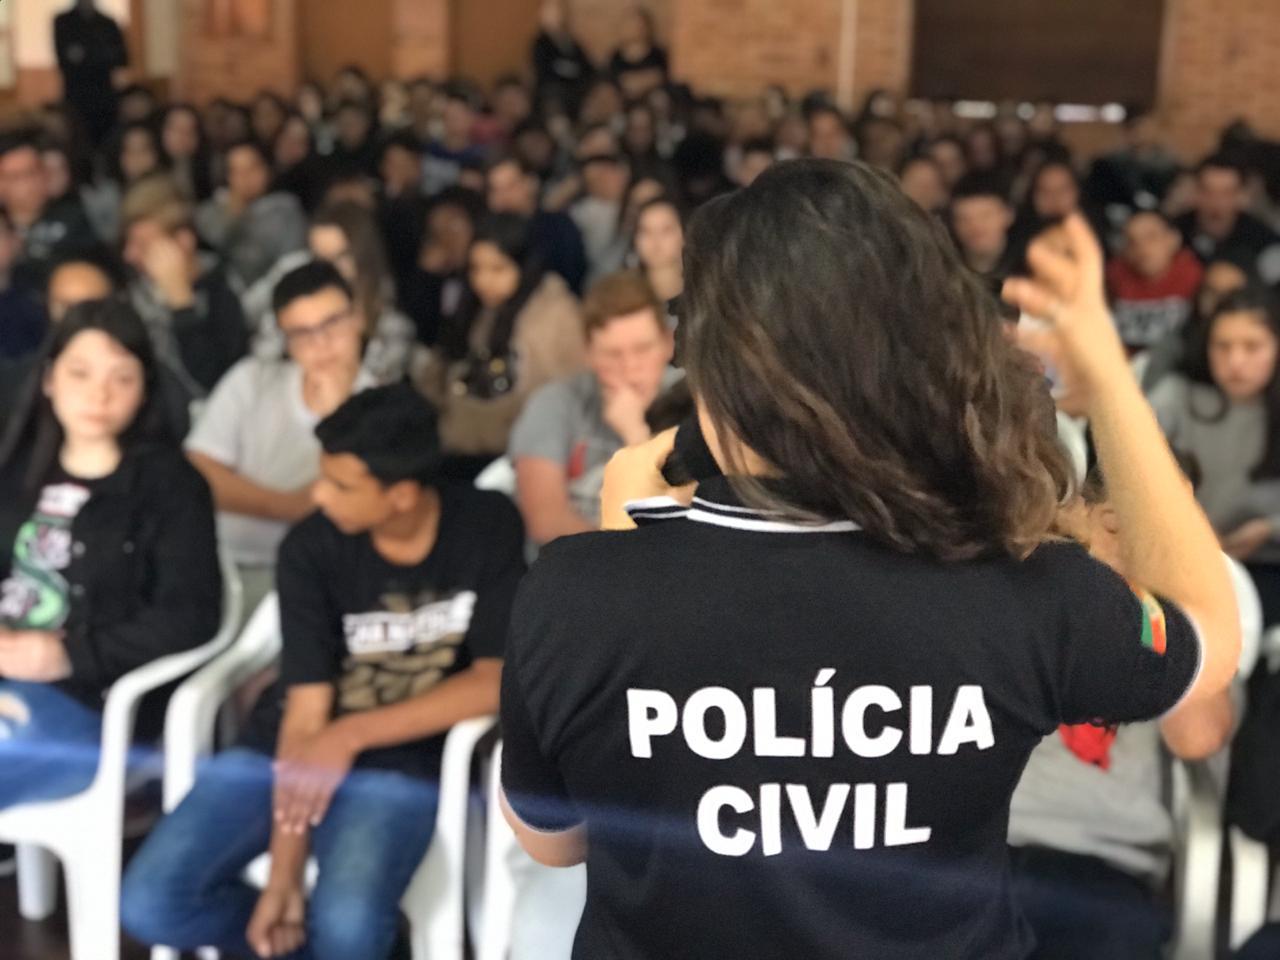 POLÍCIA CIVIL REALIZA ATIVIDADES DE PREVENÇÃO EM ESCOLA